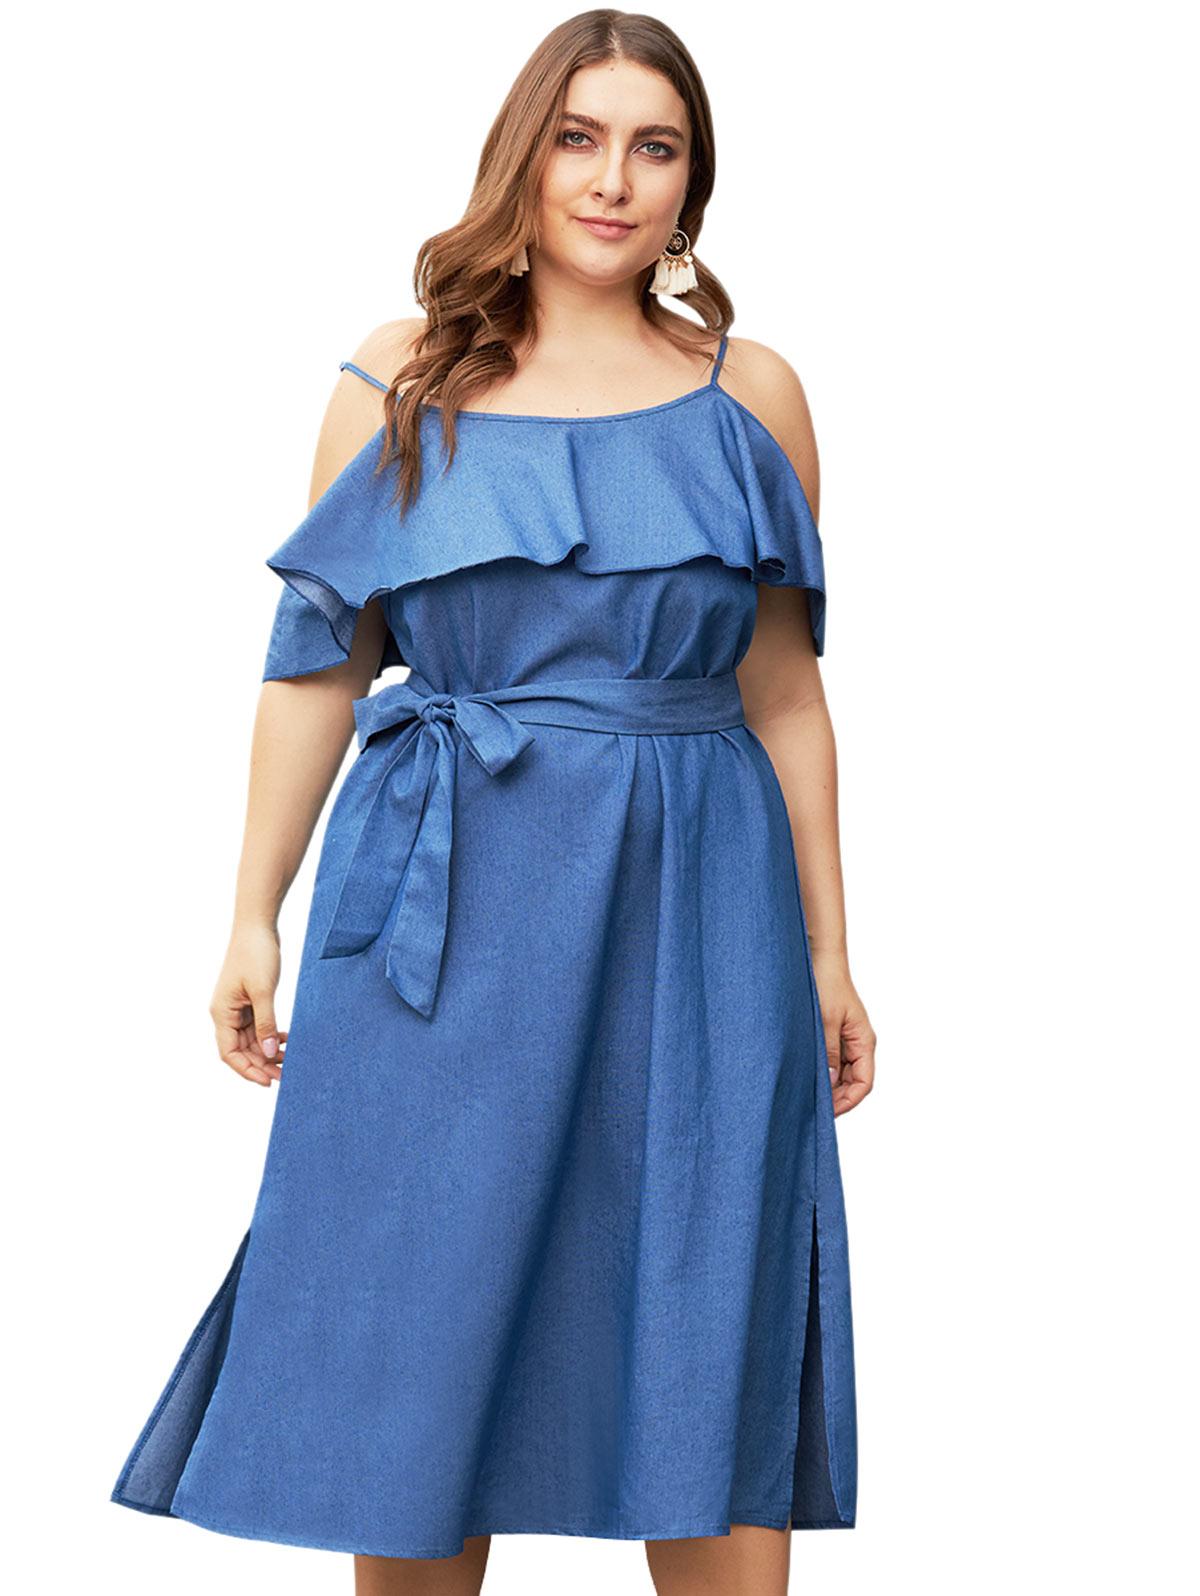 Wipalo Women Plus Size Ruffle Chambray Mid Calf Dress ...